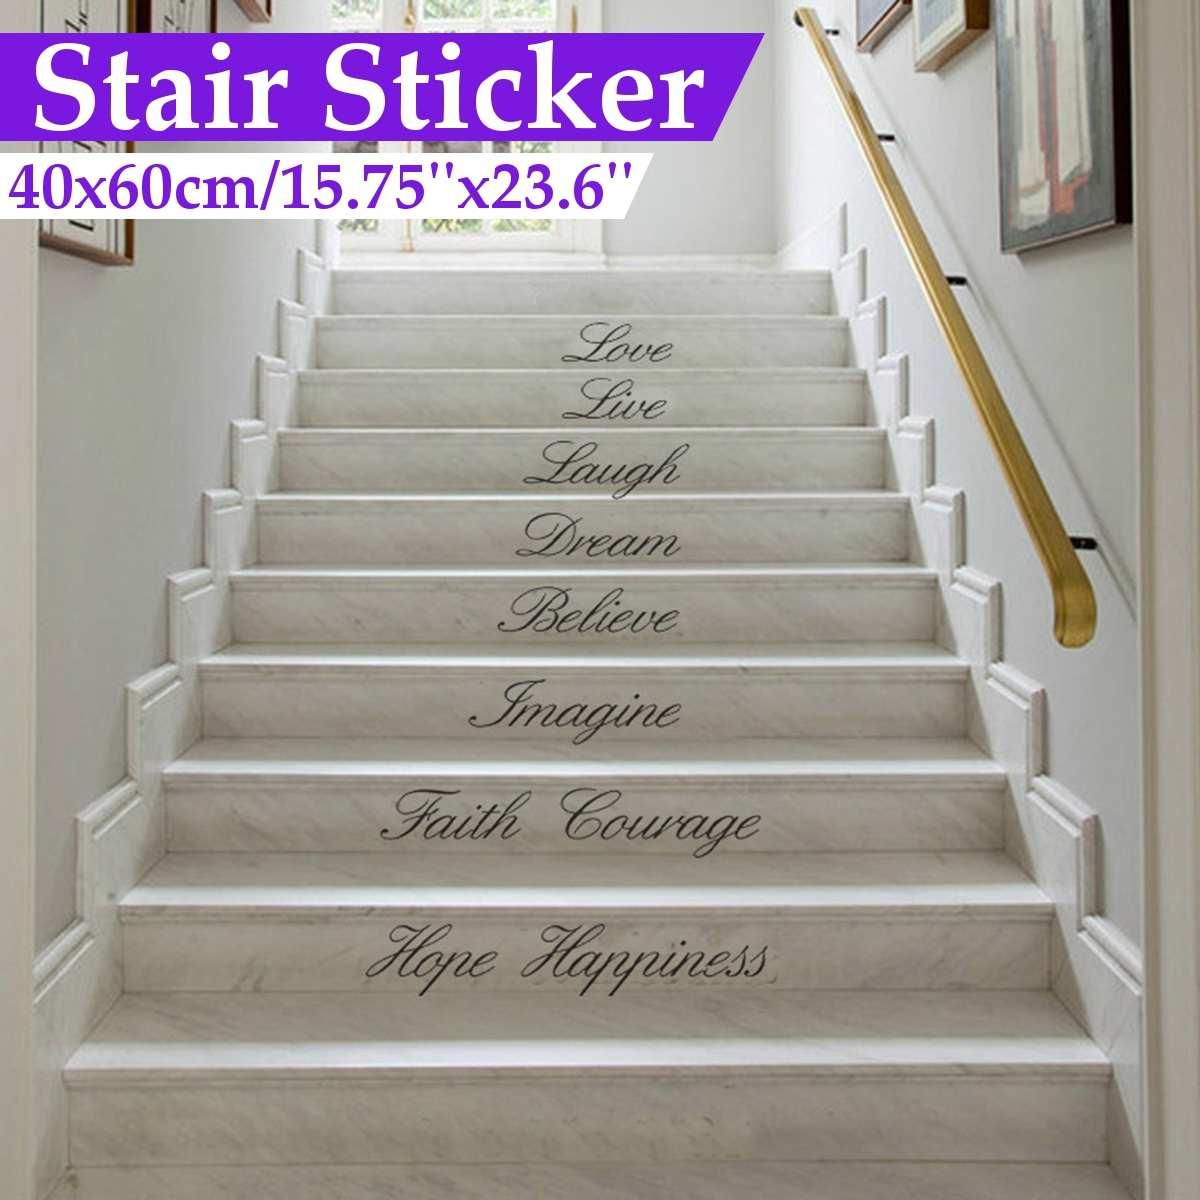 Bricolage Sticke escalier Stickers muraux décalcomanie décor à la maison amour vivre rire rêve croire imaginer foi Courage espoir bonheur